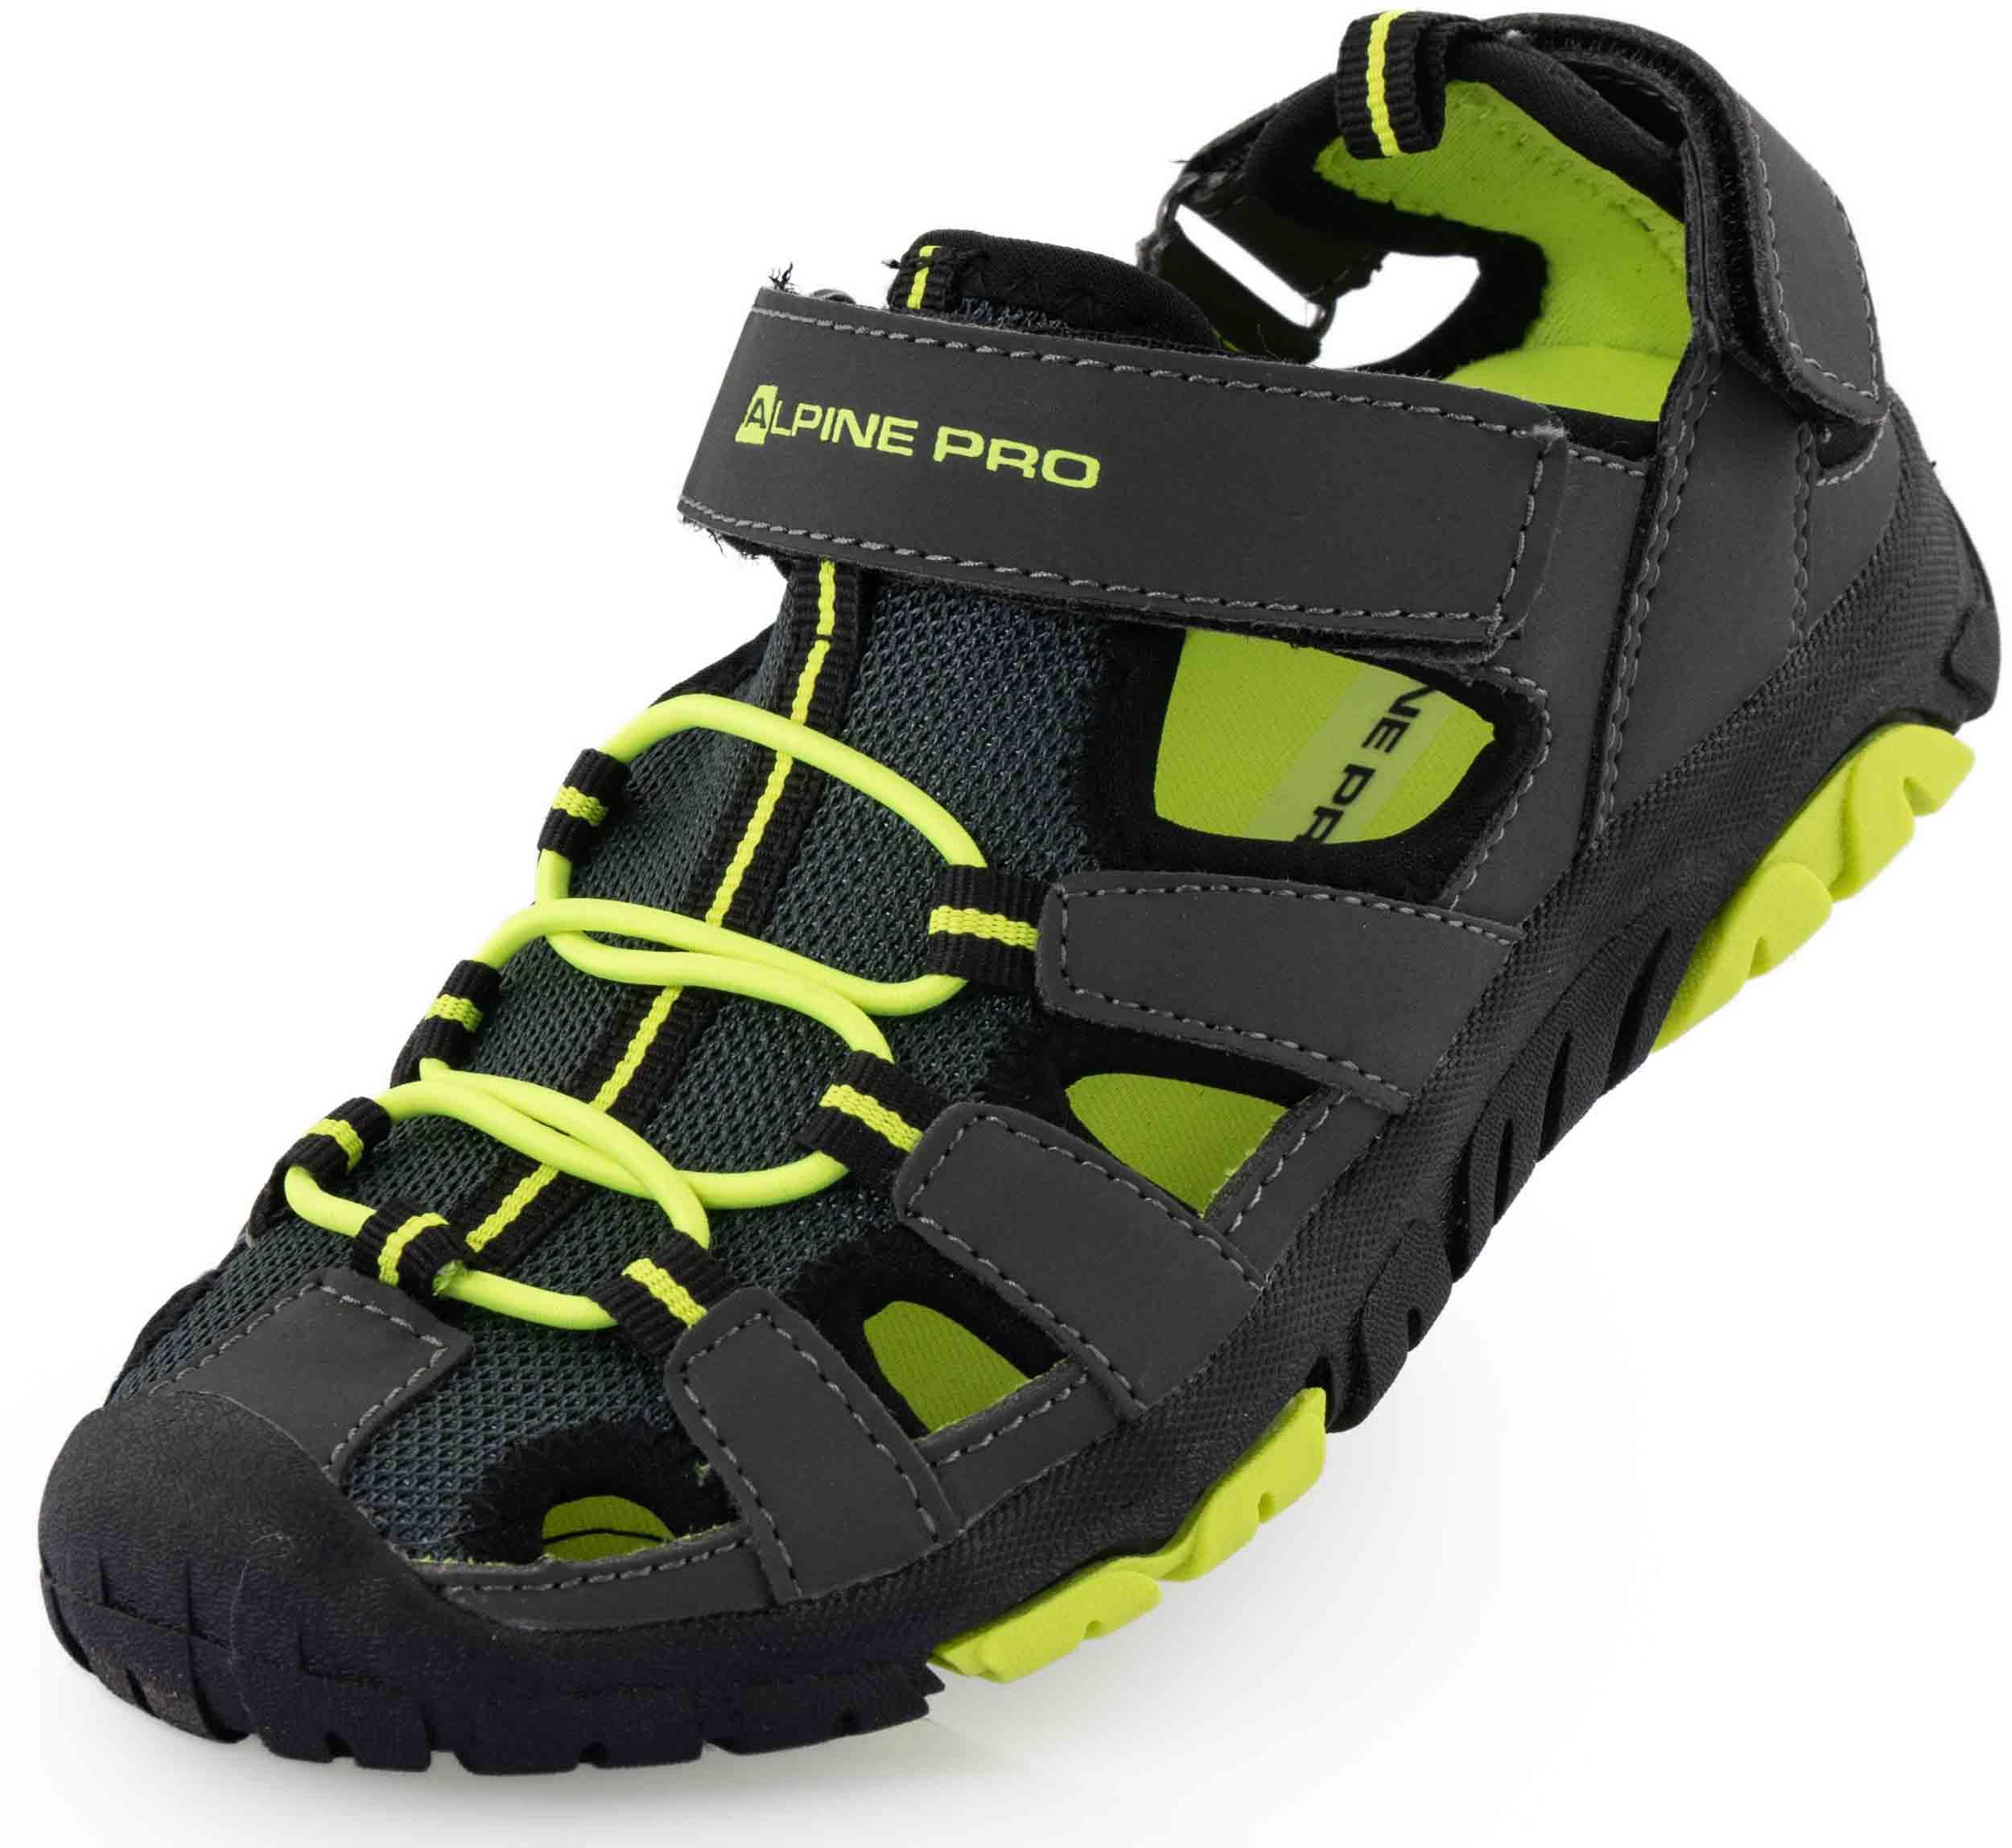 0035a5f36a35 Obuv   Dětská letní obuv Alpine Pro Kamo